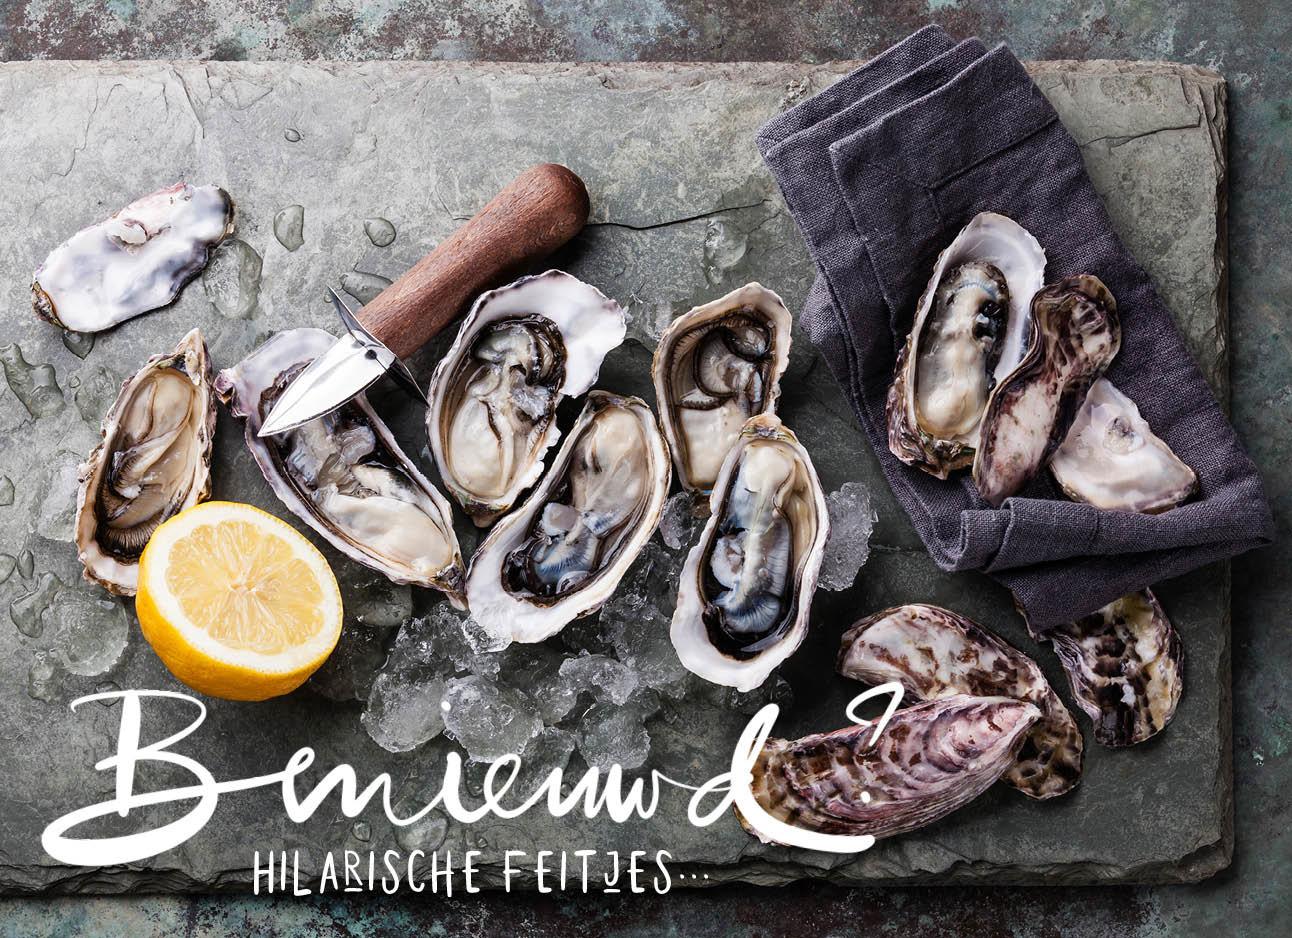 oesters met citroen op een plateau